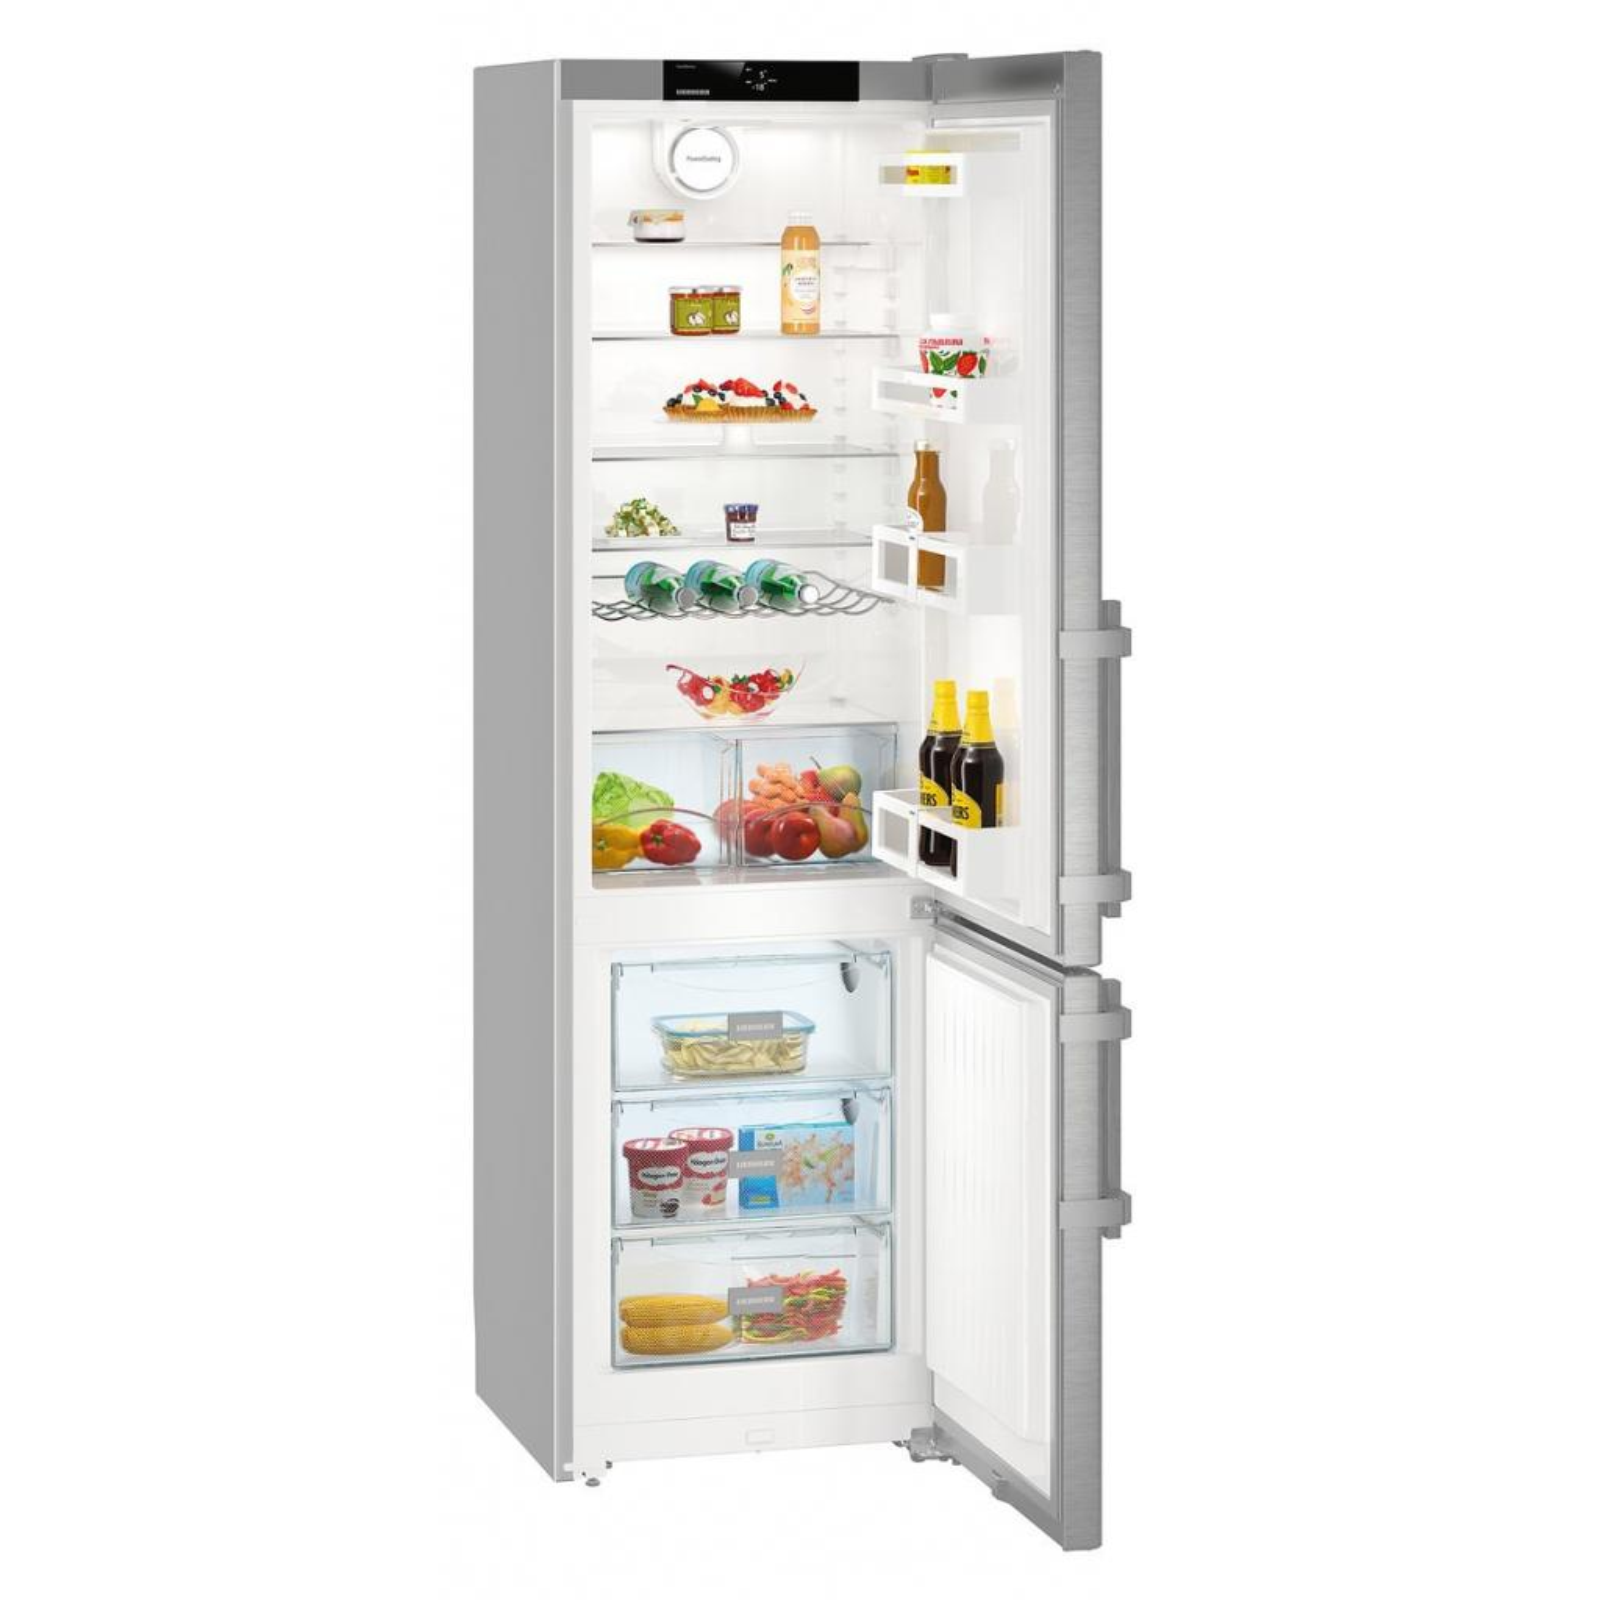 Холодильник Liebherr Cef 3825 изображение 5